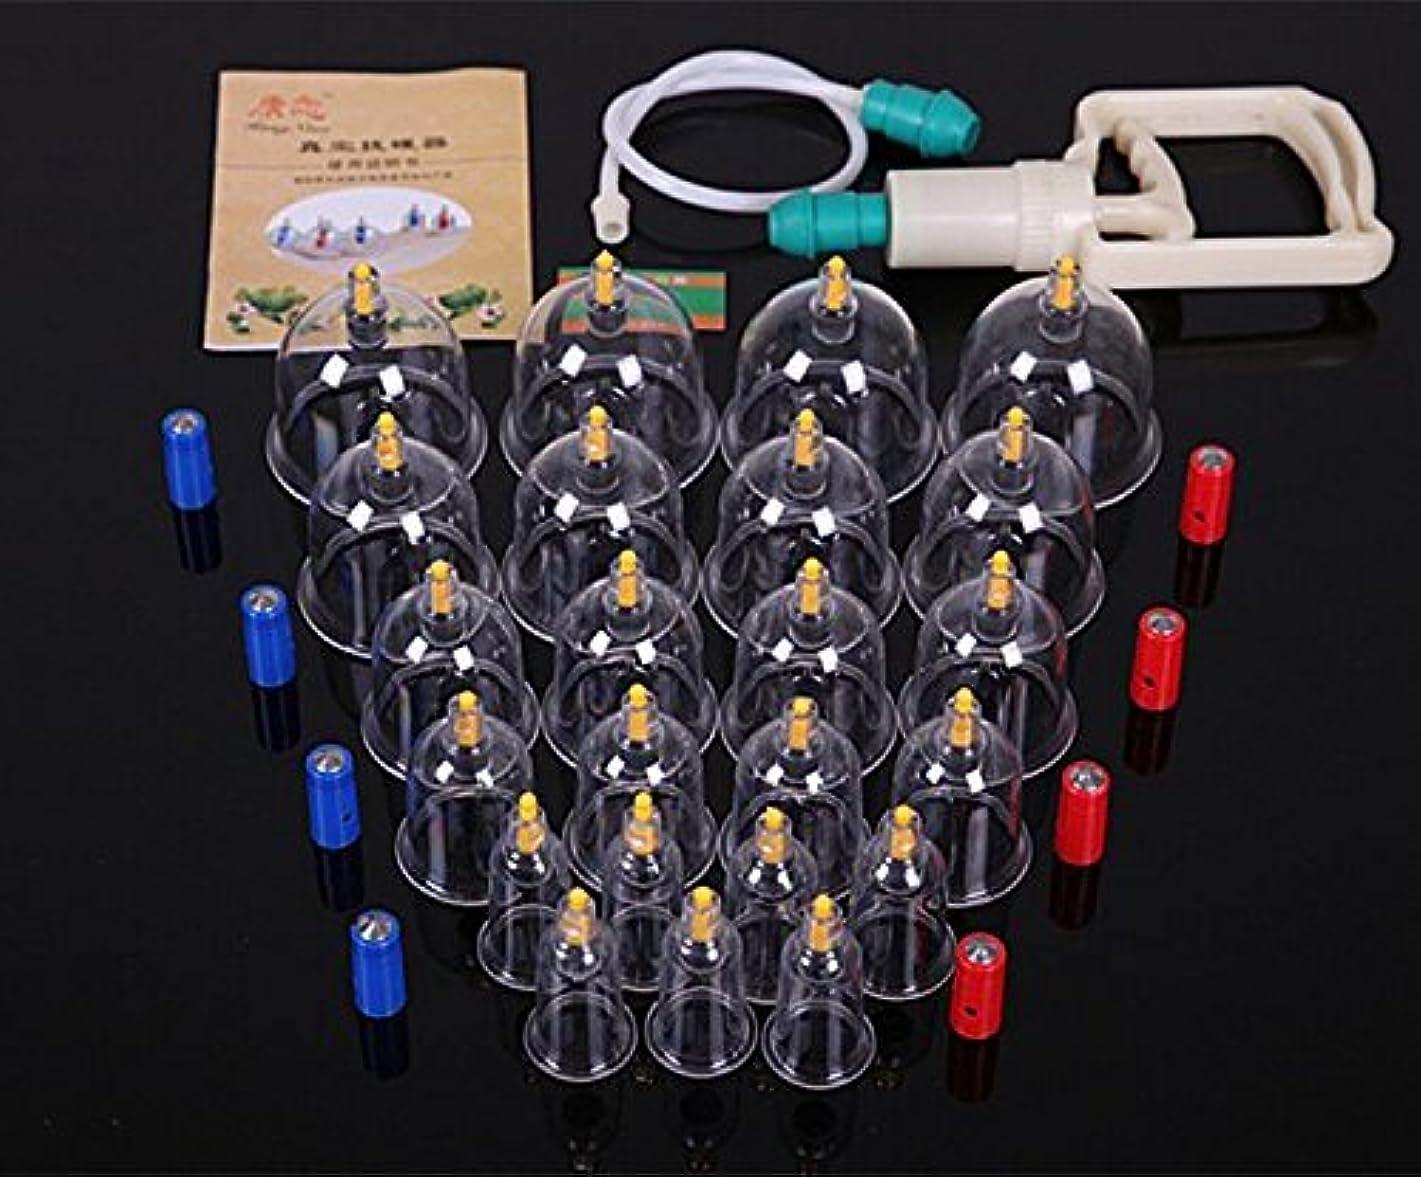 藤色医薬ドーム中国のカッピング理学療法セット真空ポンプとその他の付属品を備えた24個のカッピンググラス、背中の痛みのための自然療法の自己マッサージ、セルライト、顔、slim身、腹部